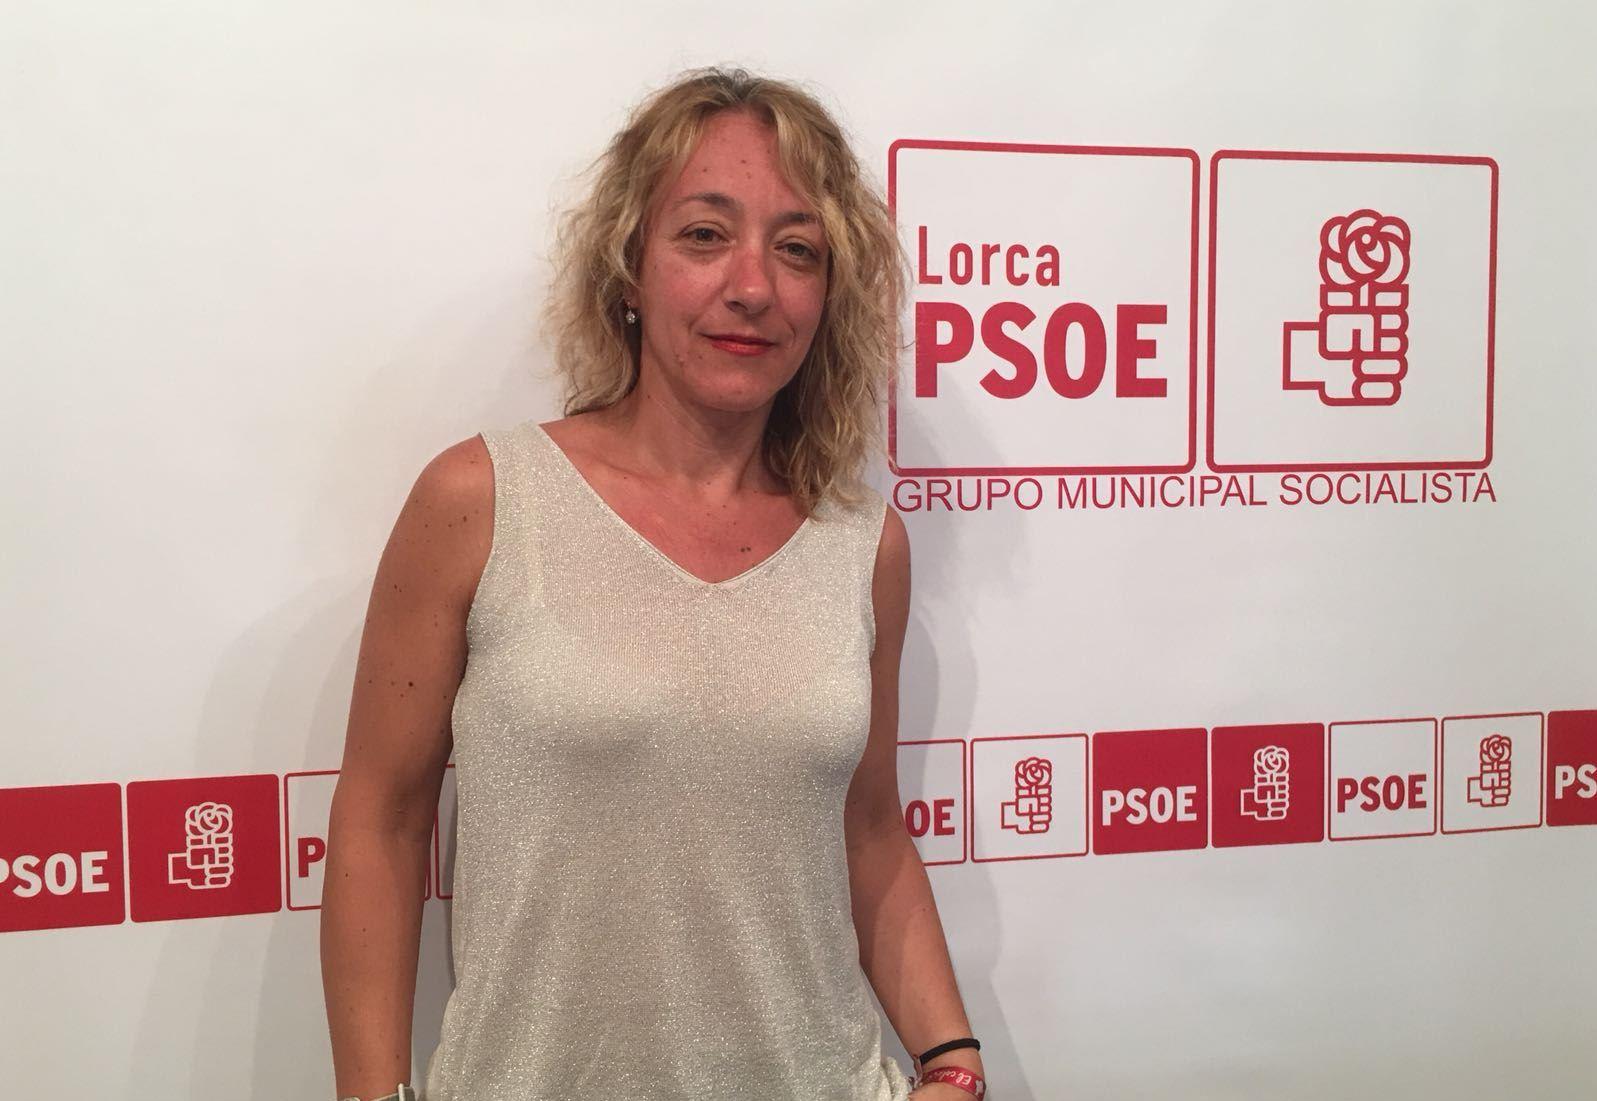 """PSOE: """"El PP ha vuelto a confirmar su agotamiento y falta de ideas con la programación de conciertos de pago para la feria de Lorca"""""""